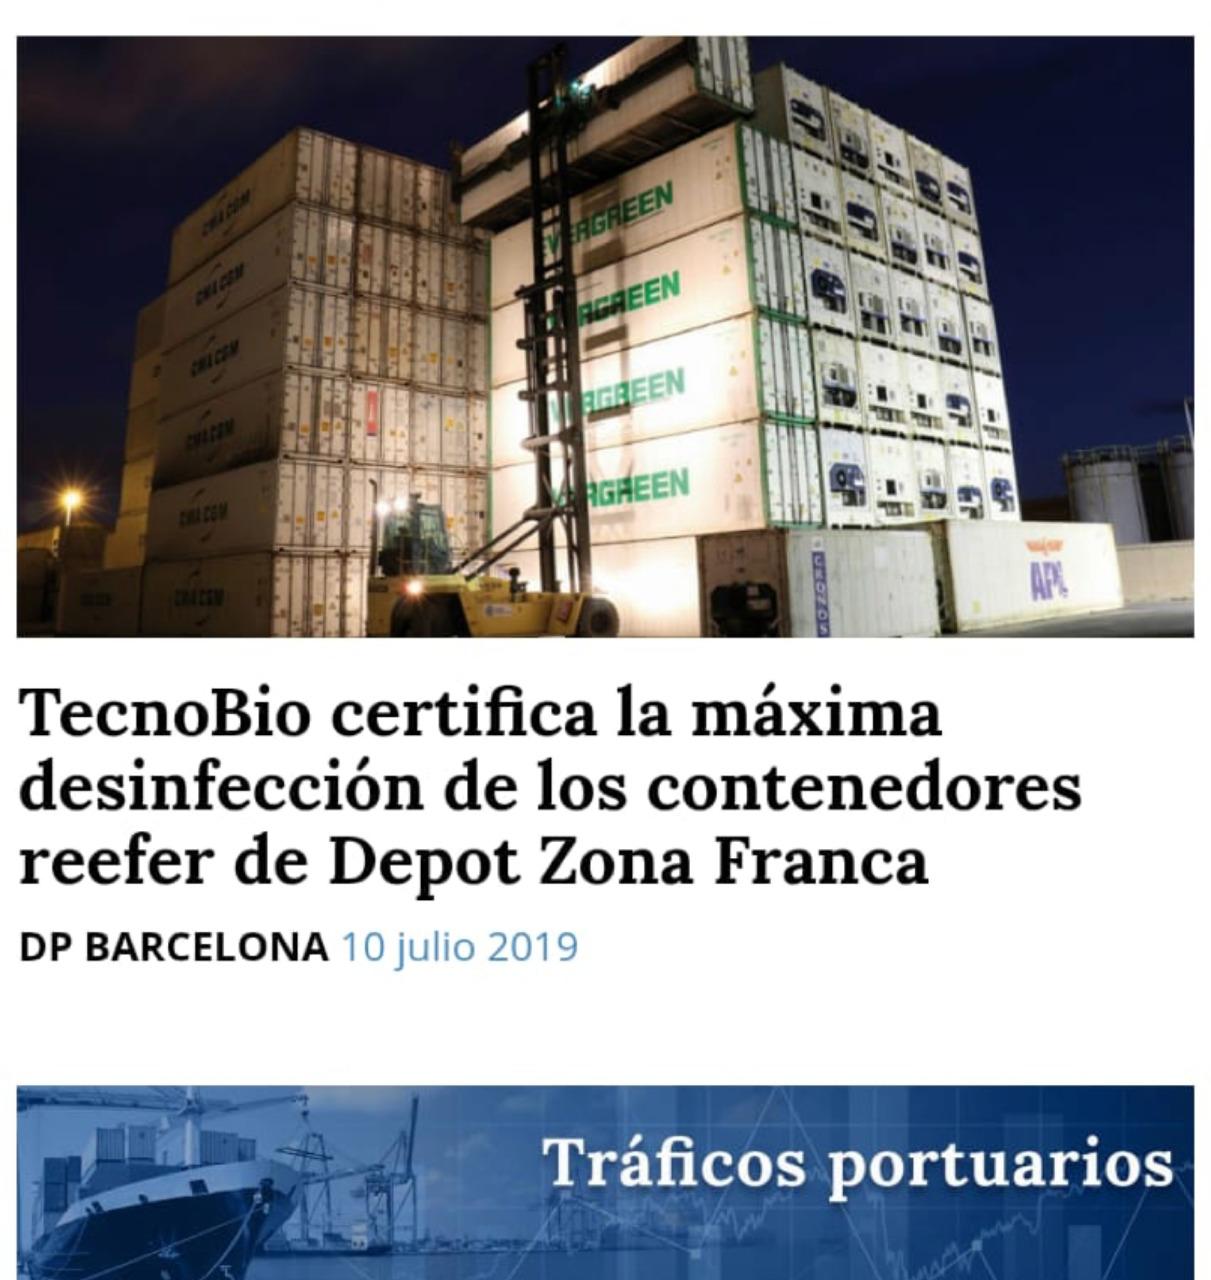 TecnoBio con la Bioseguridad de Depot Zona Franca